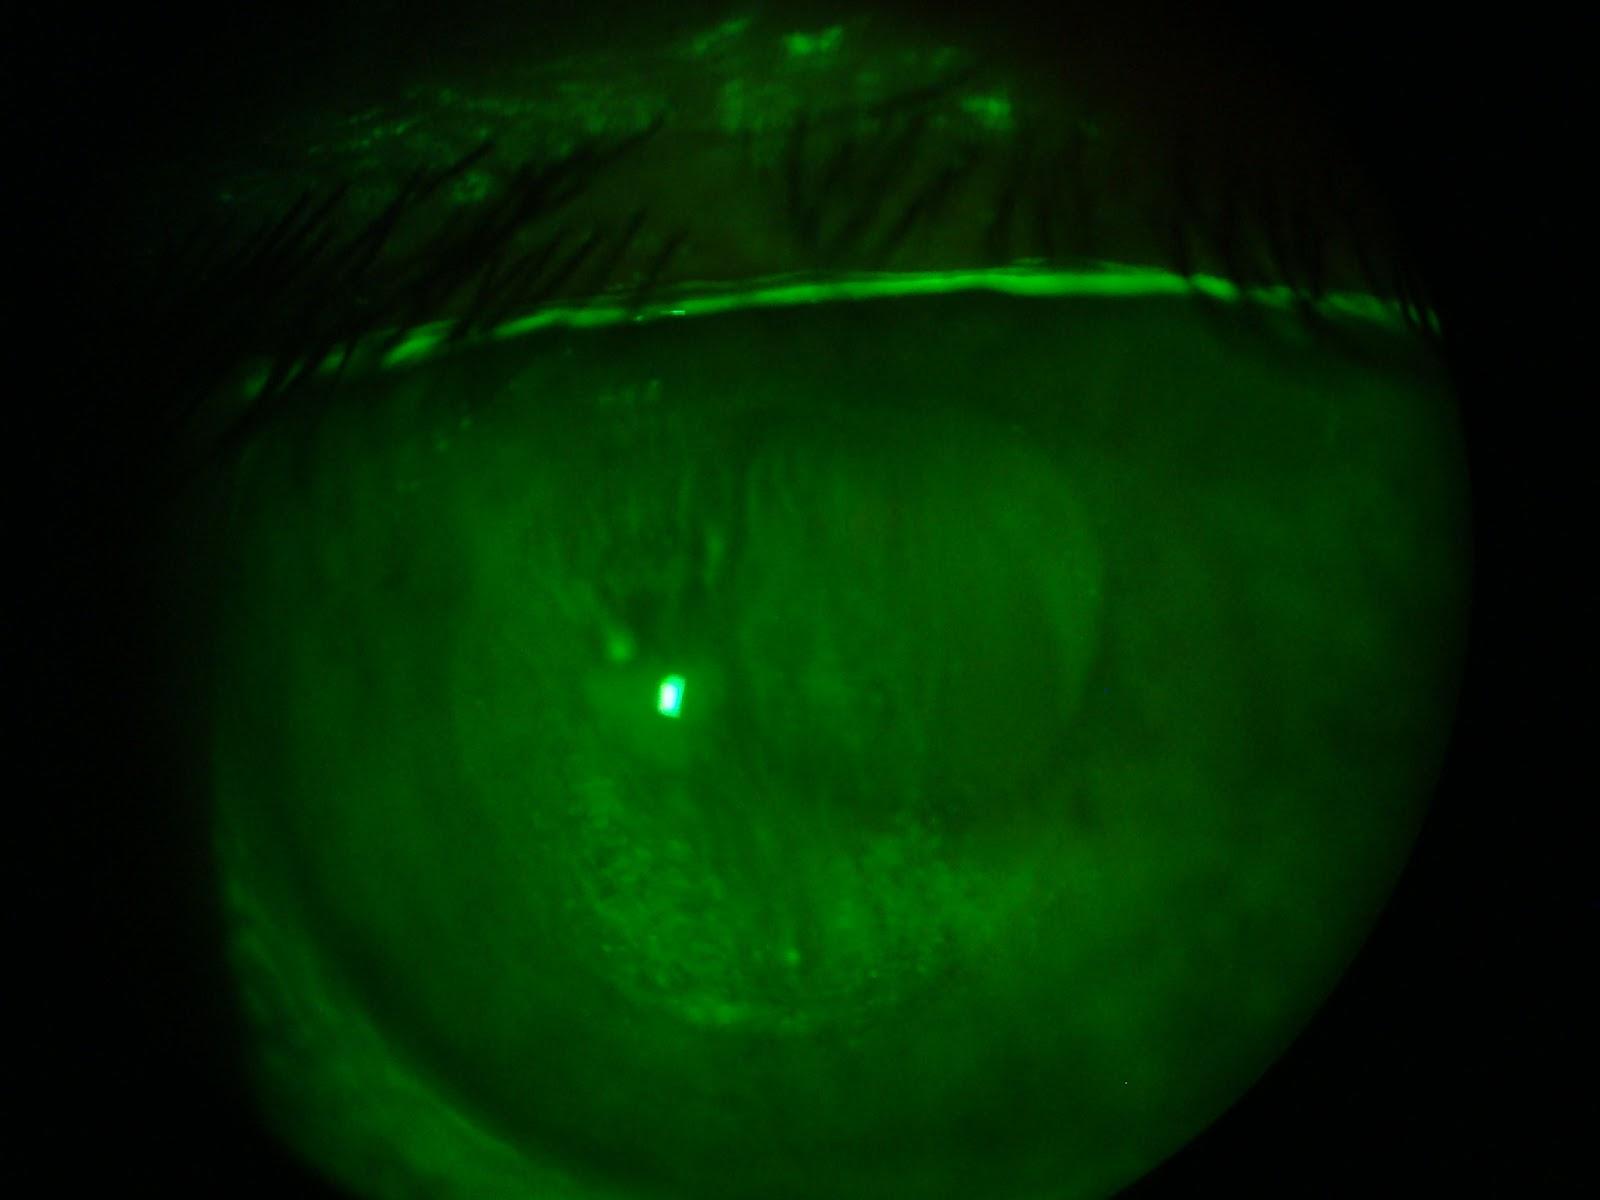 Ceratite causada por LC RGP de diâmetro pequeno com toque apical, lesão no  ápice. Observa-se também a marca deixada pela lente na córnea. 20cde6db0a